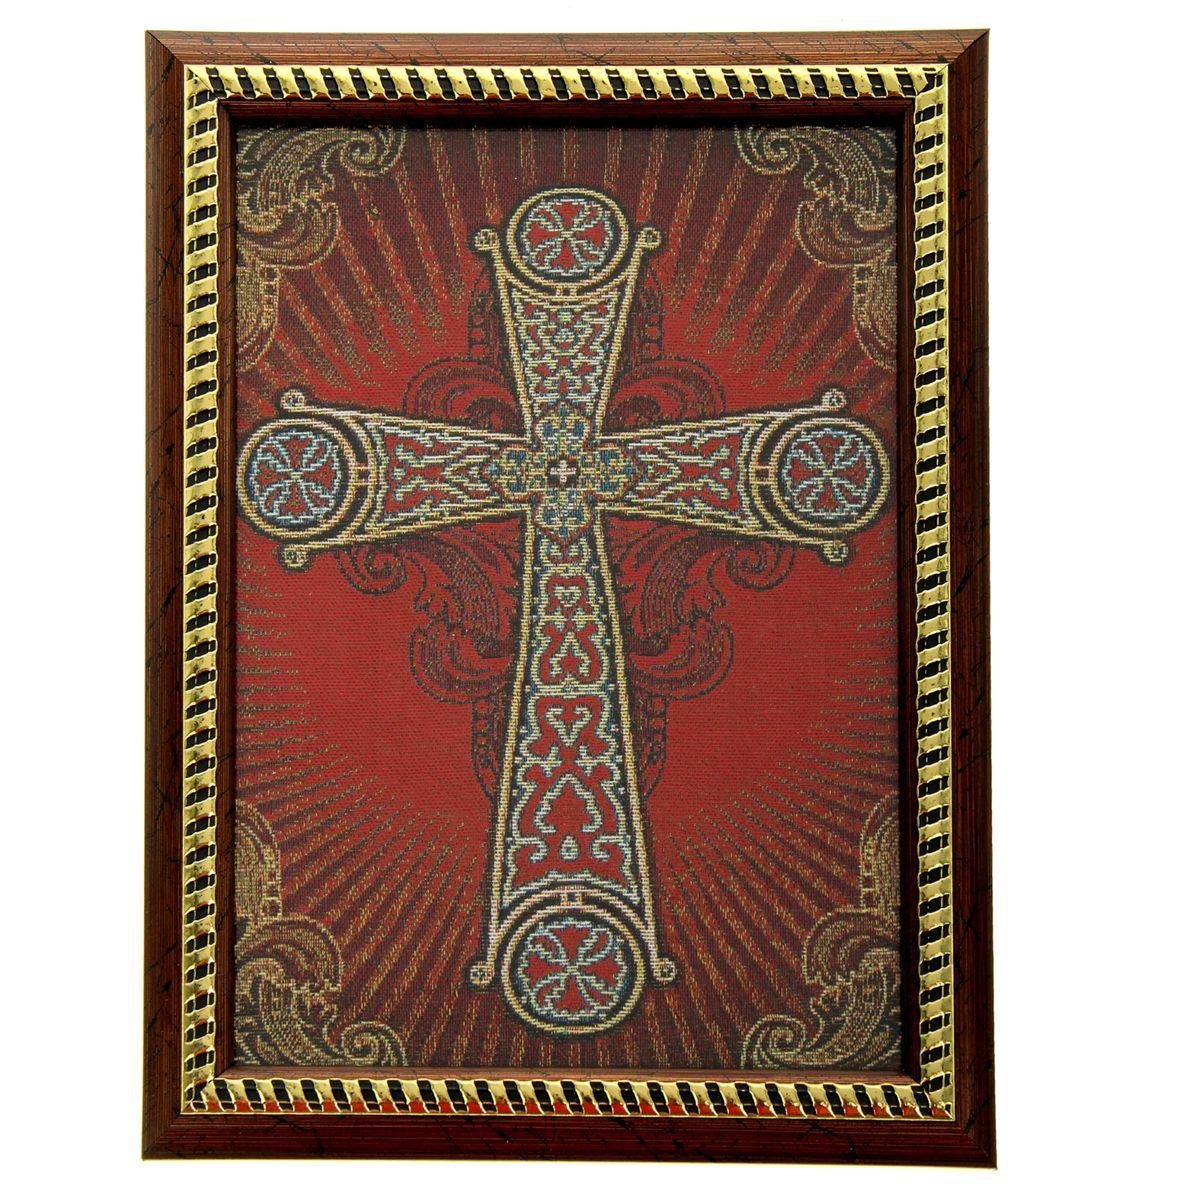 Икона в рамке Корсунский крест, 21 см х 27,5 см neverwinter икона для спутника